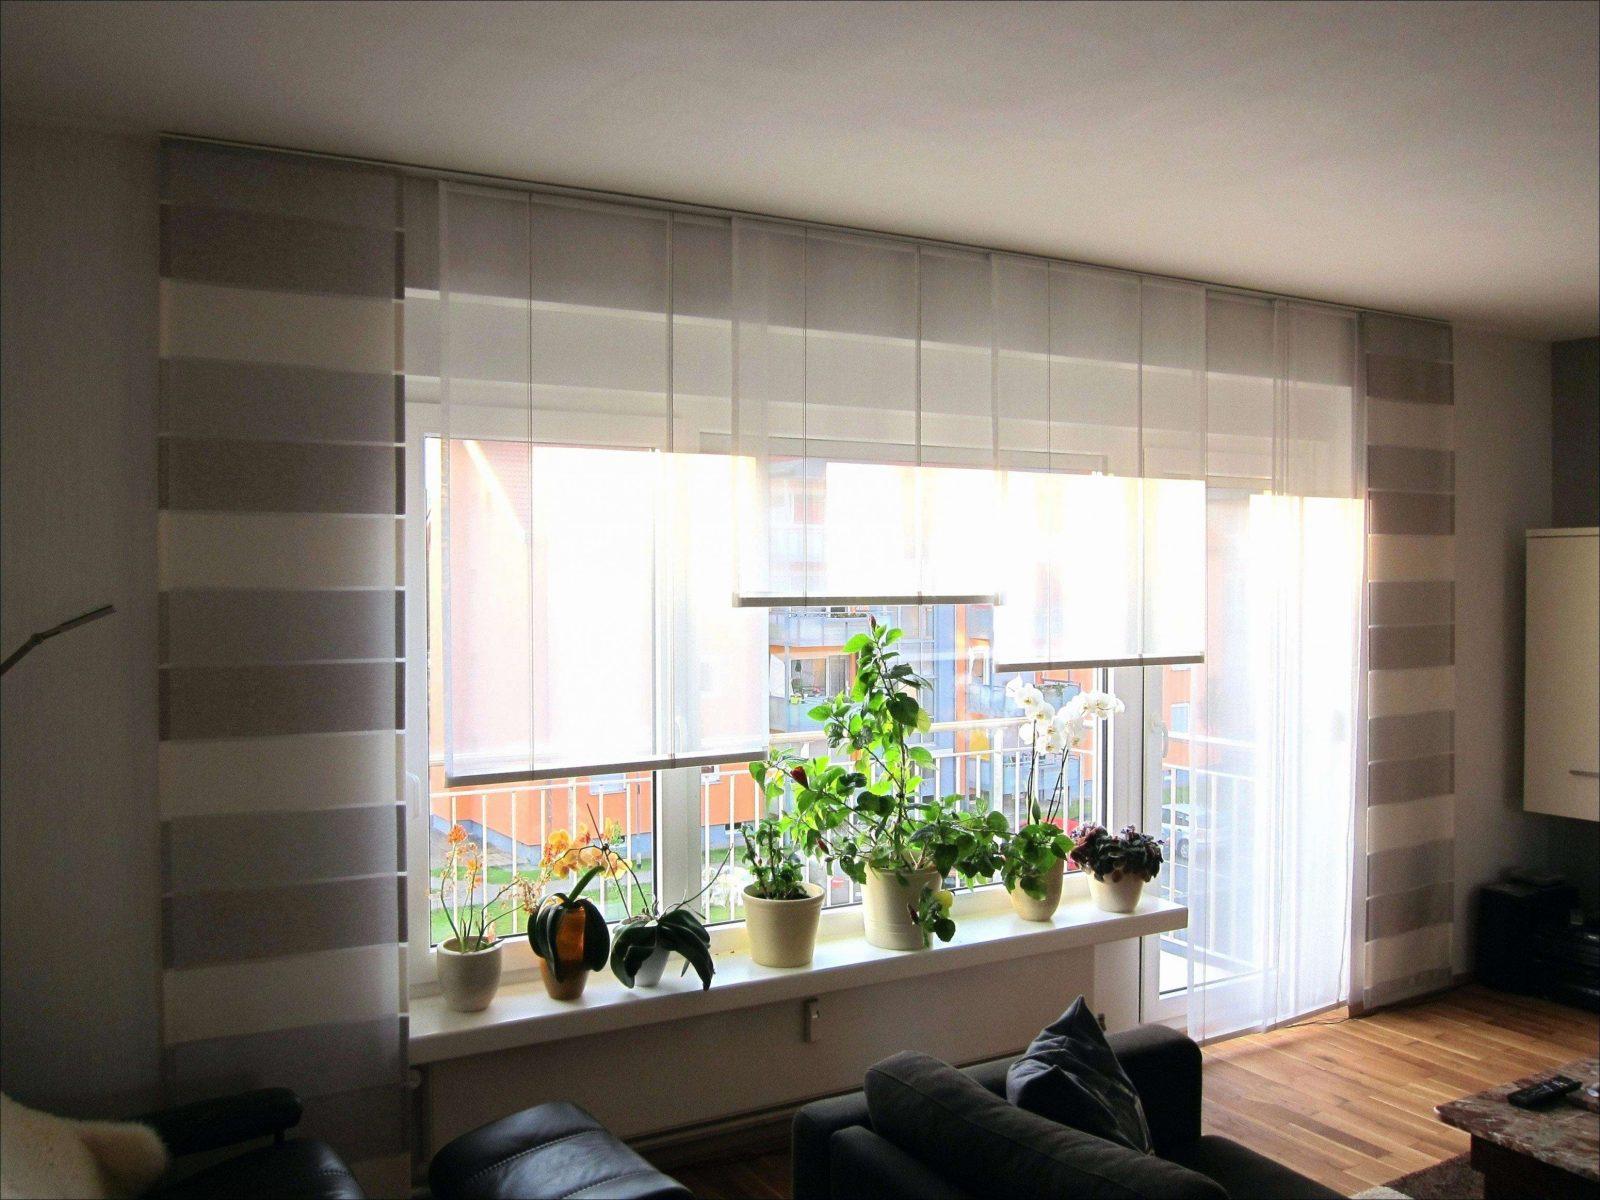 Gardinen Für Wohnzimmer Mit Balkontür Schön Fenster Vorhänge Kurz von Gardinen Für Fenster Mit Balkontür Bild